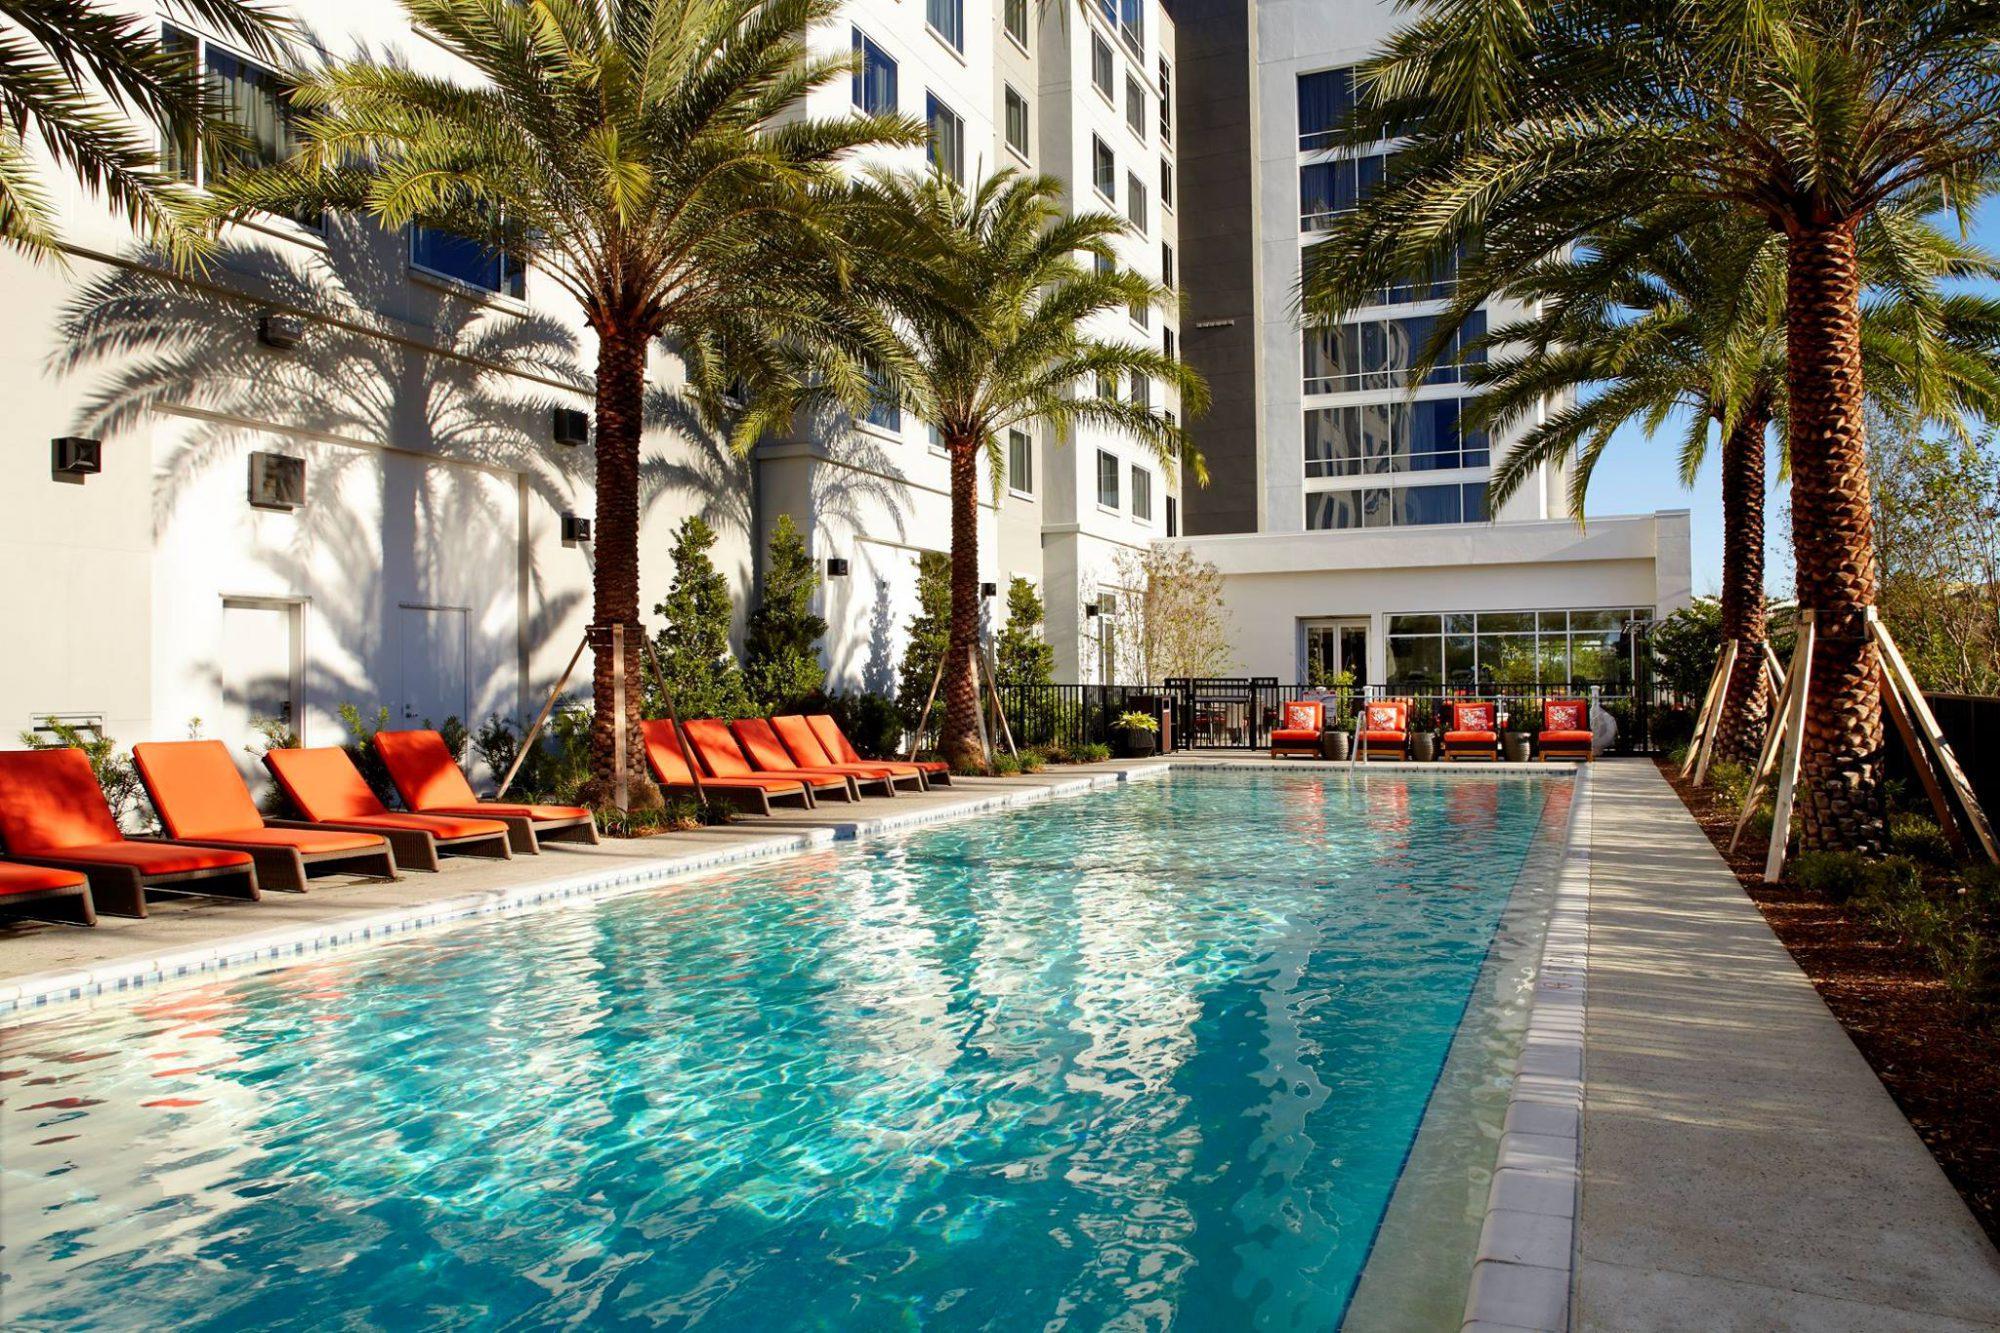 Residence Inn by Marriott 4